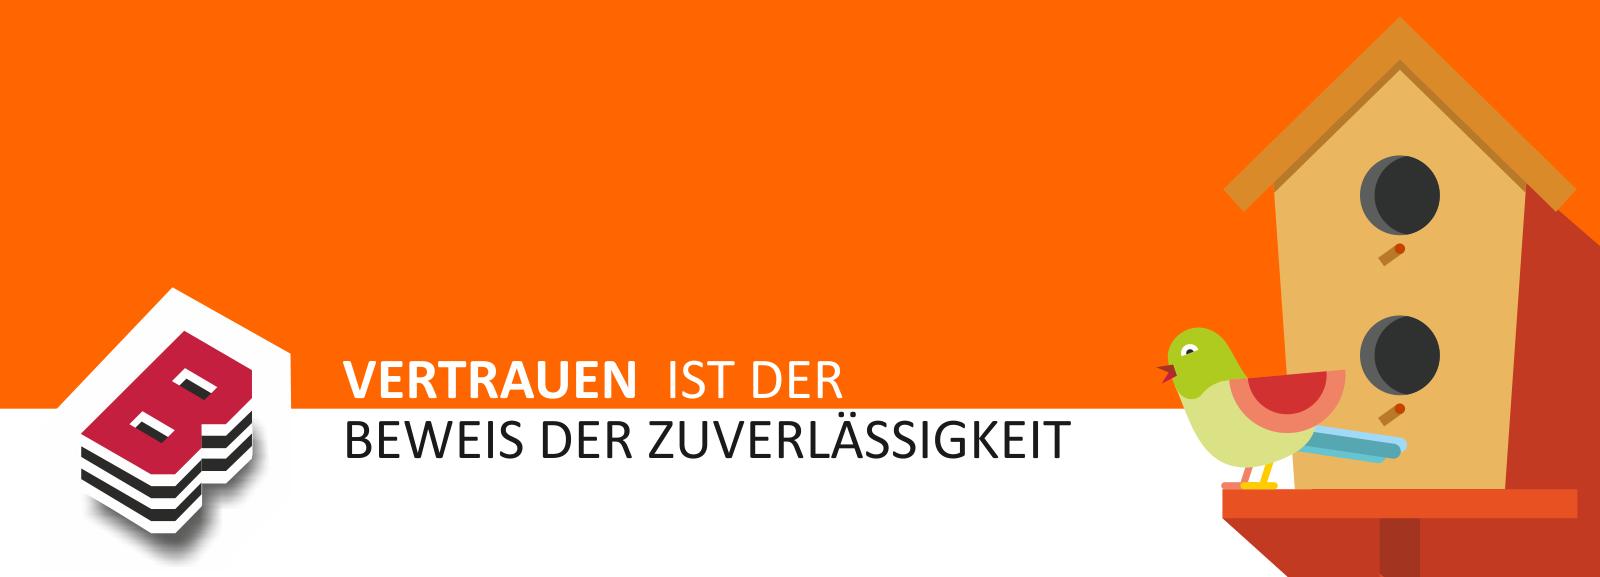 3_HP-Bausie_Banner_Vogelhaeuser_20_MietWEGVerwaltung